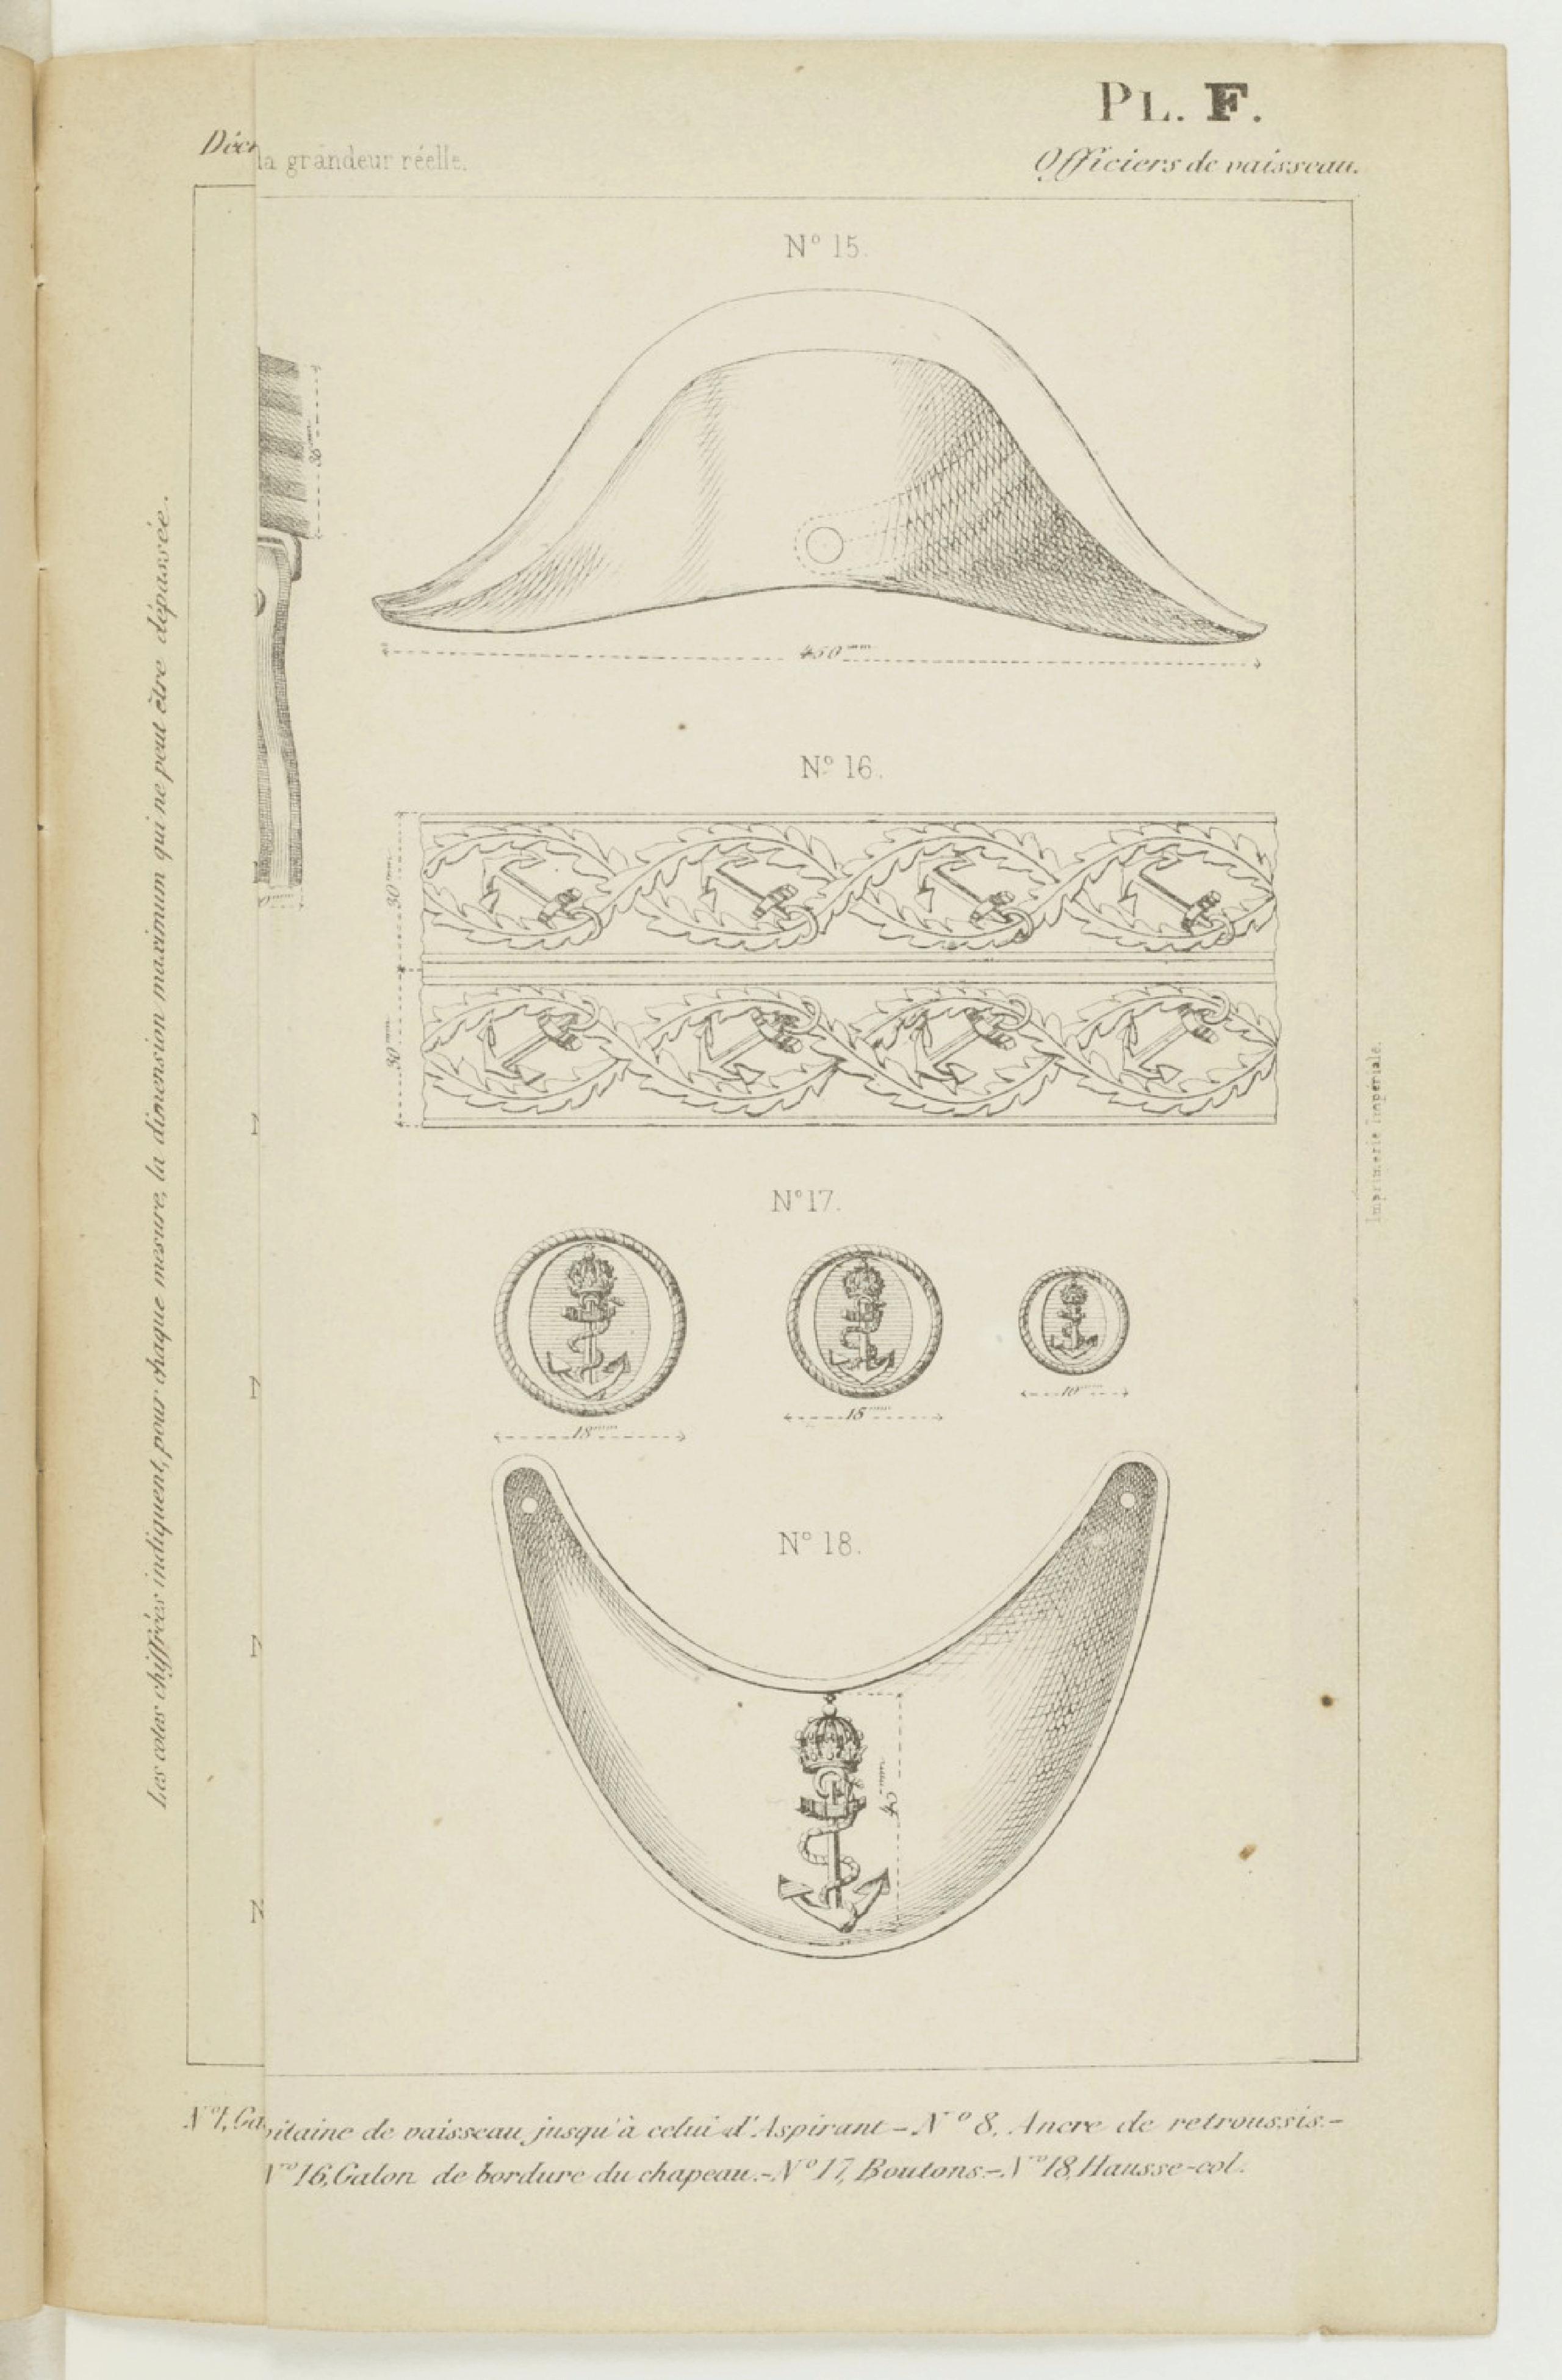 LES ÉVOLUTIONS DU SABRE D'OFFICIER DE MARINE FRANÇAIS DE 1837 À NOS JOURS - Page 4 Dzocre10